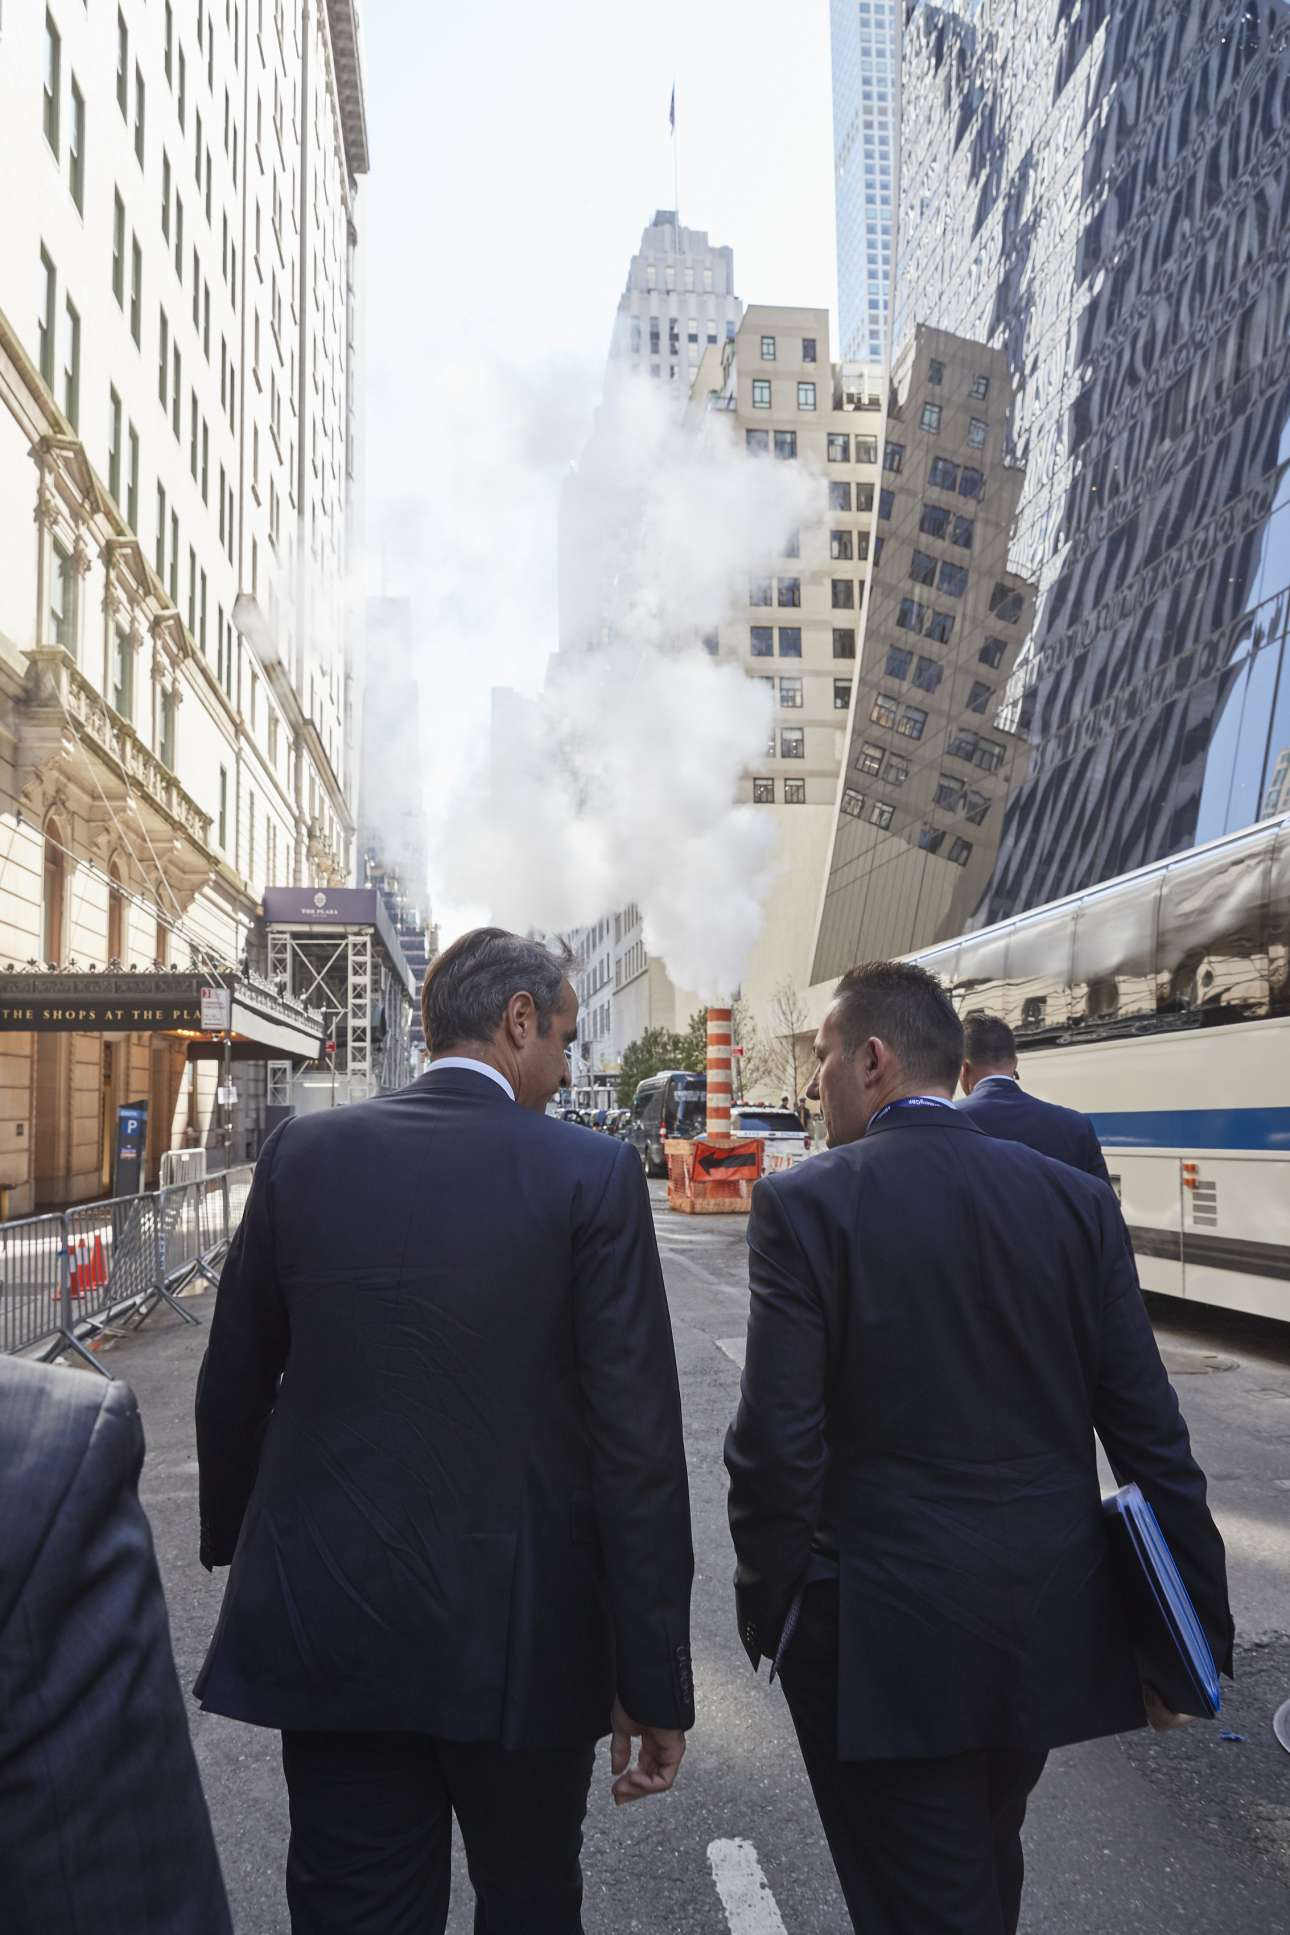 Συνομιλώντας με τον κυβερνητικό εκπρόσωπο Στέλιο Πέτσα ενώ βαδίζουν προς την Πέμπτη Λεωφόρο στο ύψος του φημισμένου ξενοδοχείου «Plaza» στην καρδιά του Μανχάταν